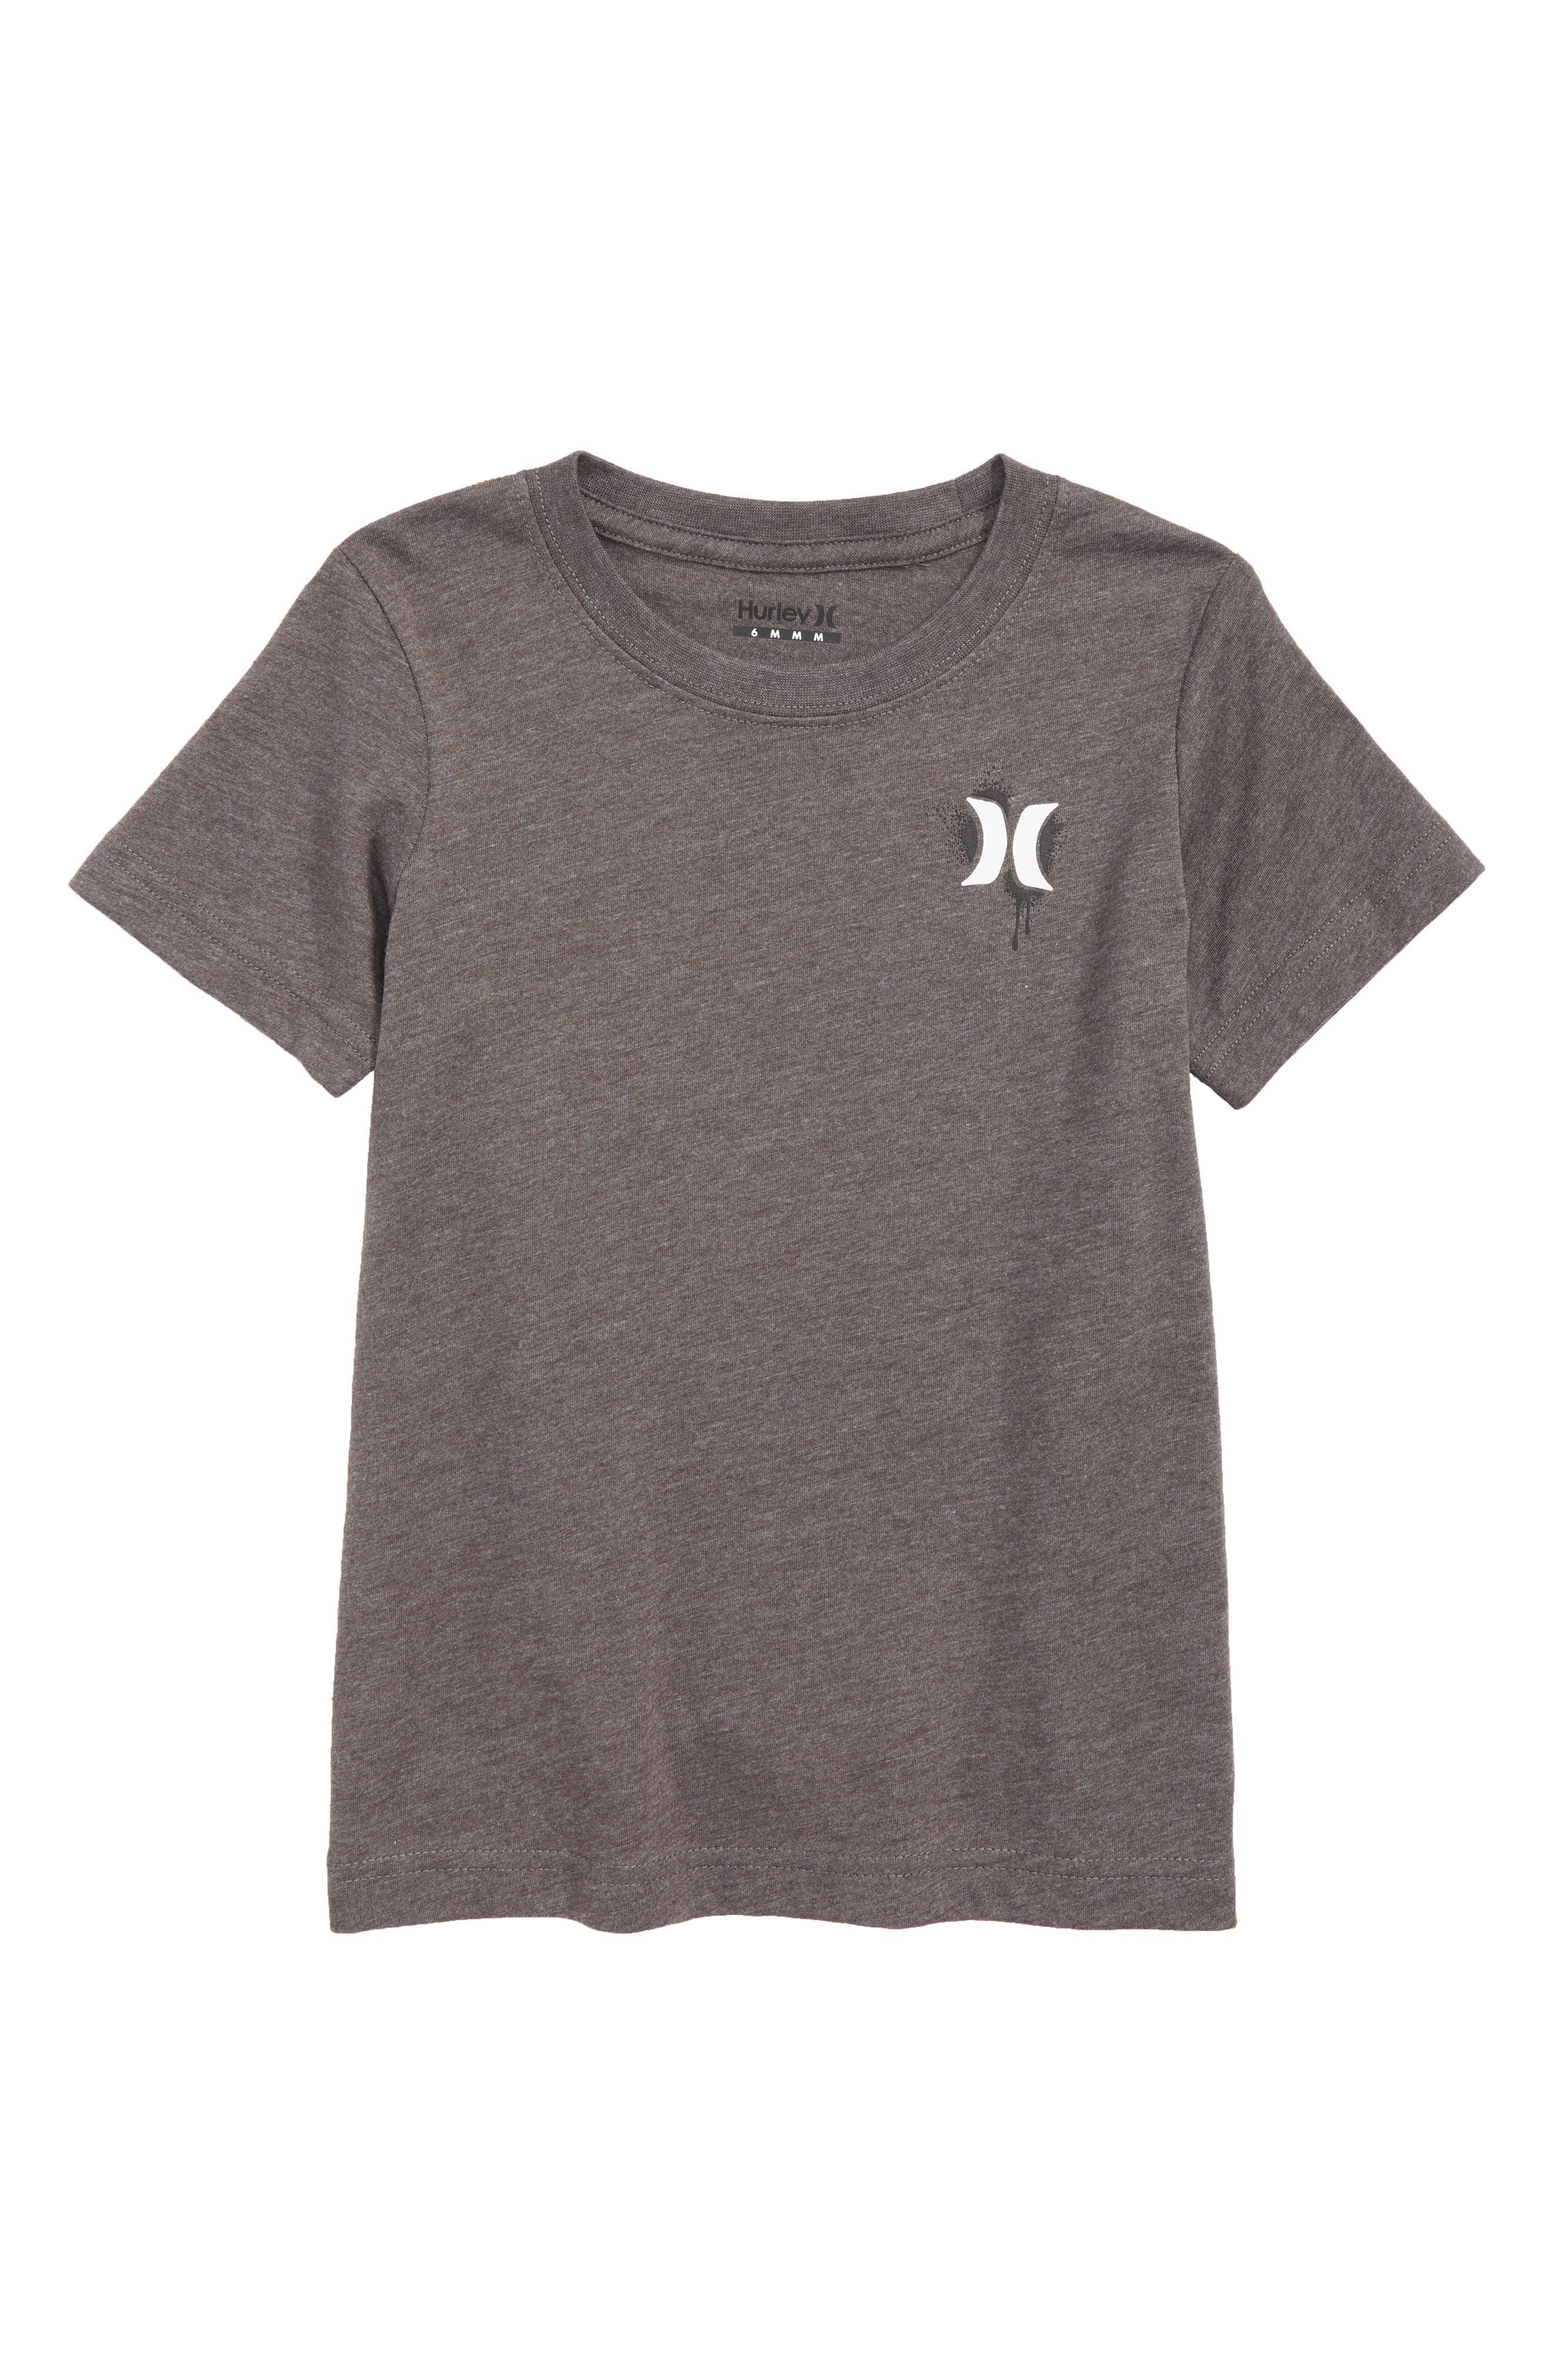 Shark T-Shirt,                             Main thumbnail 1, color,                             020